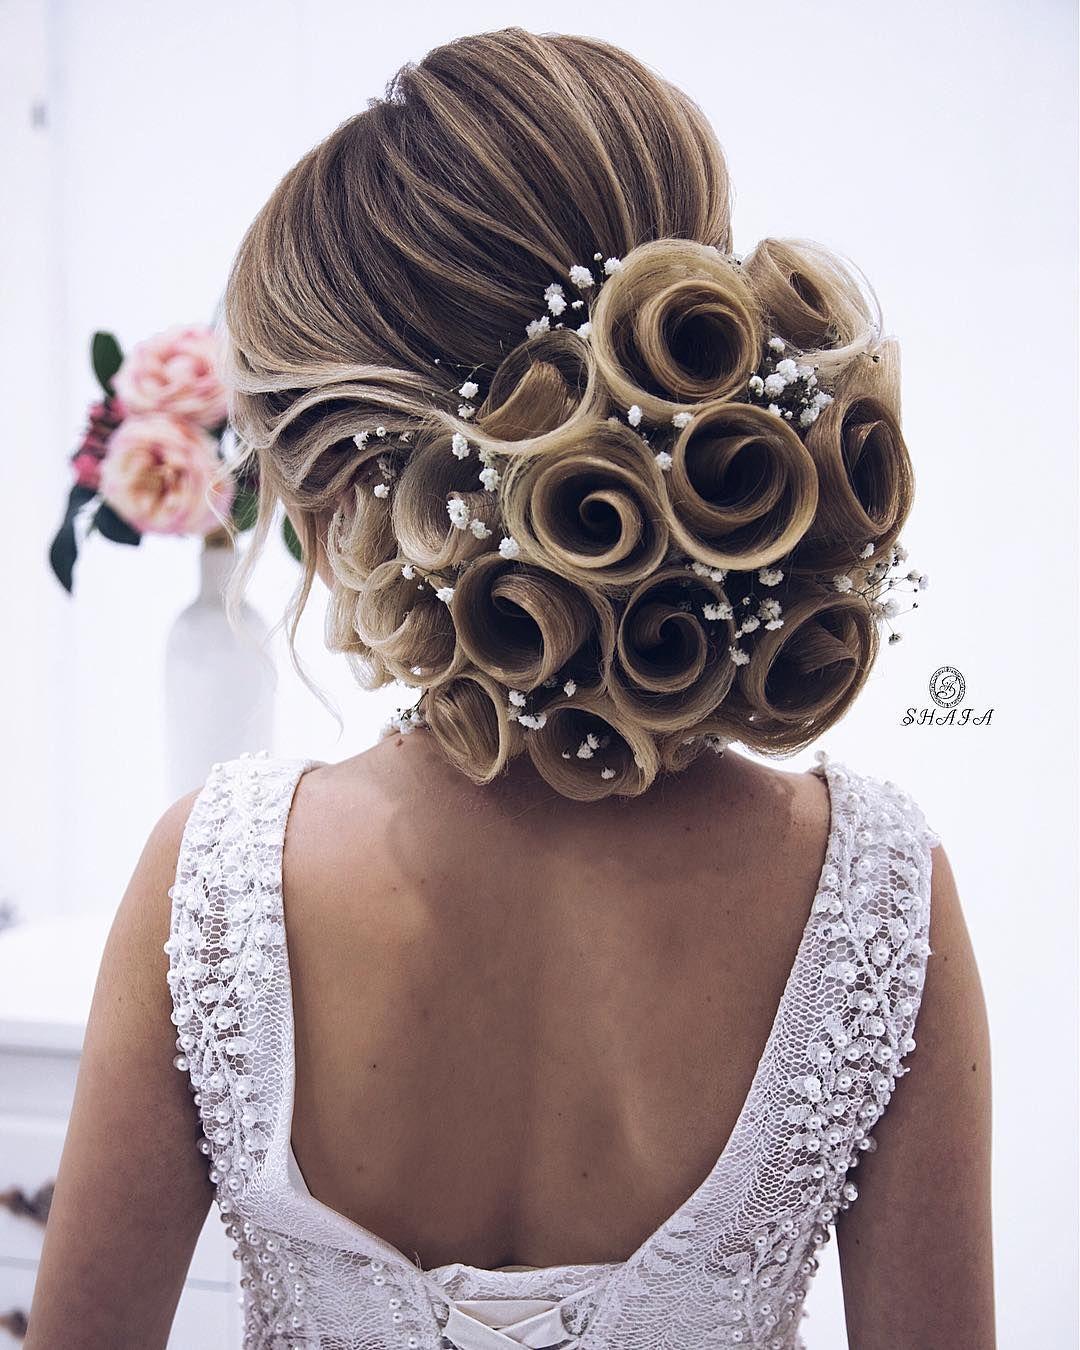 Wedding Hairstyles Instagram: Instagram'da Shafaq Novruzova